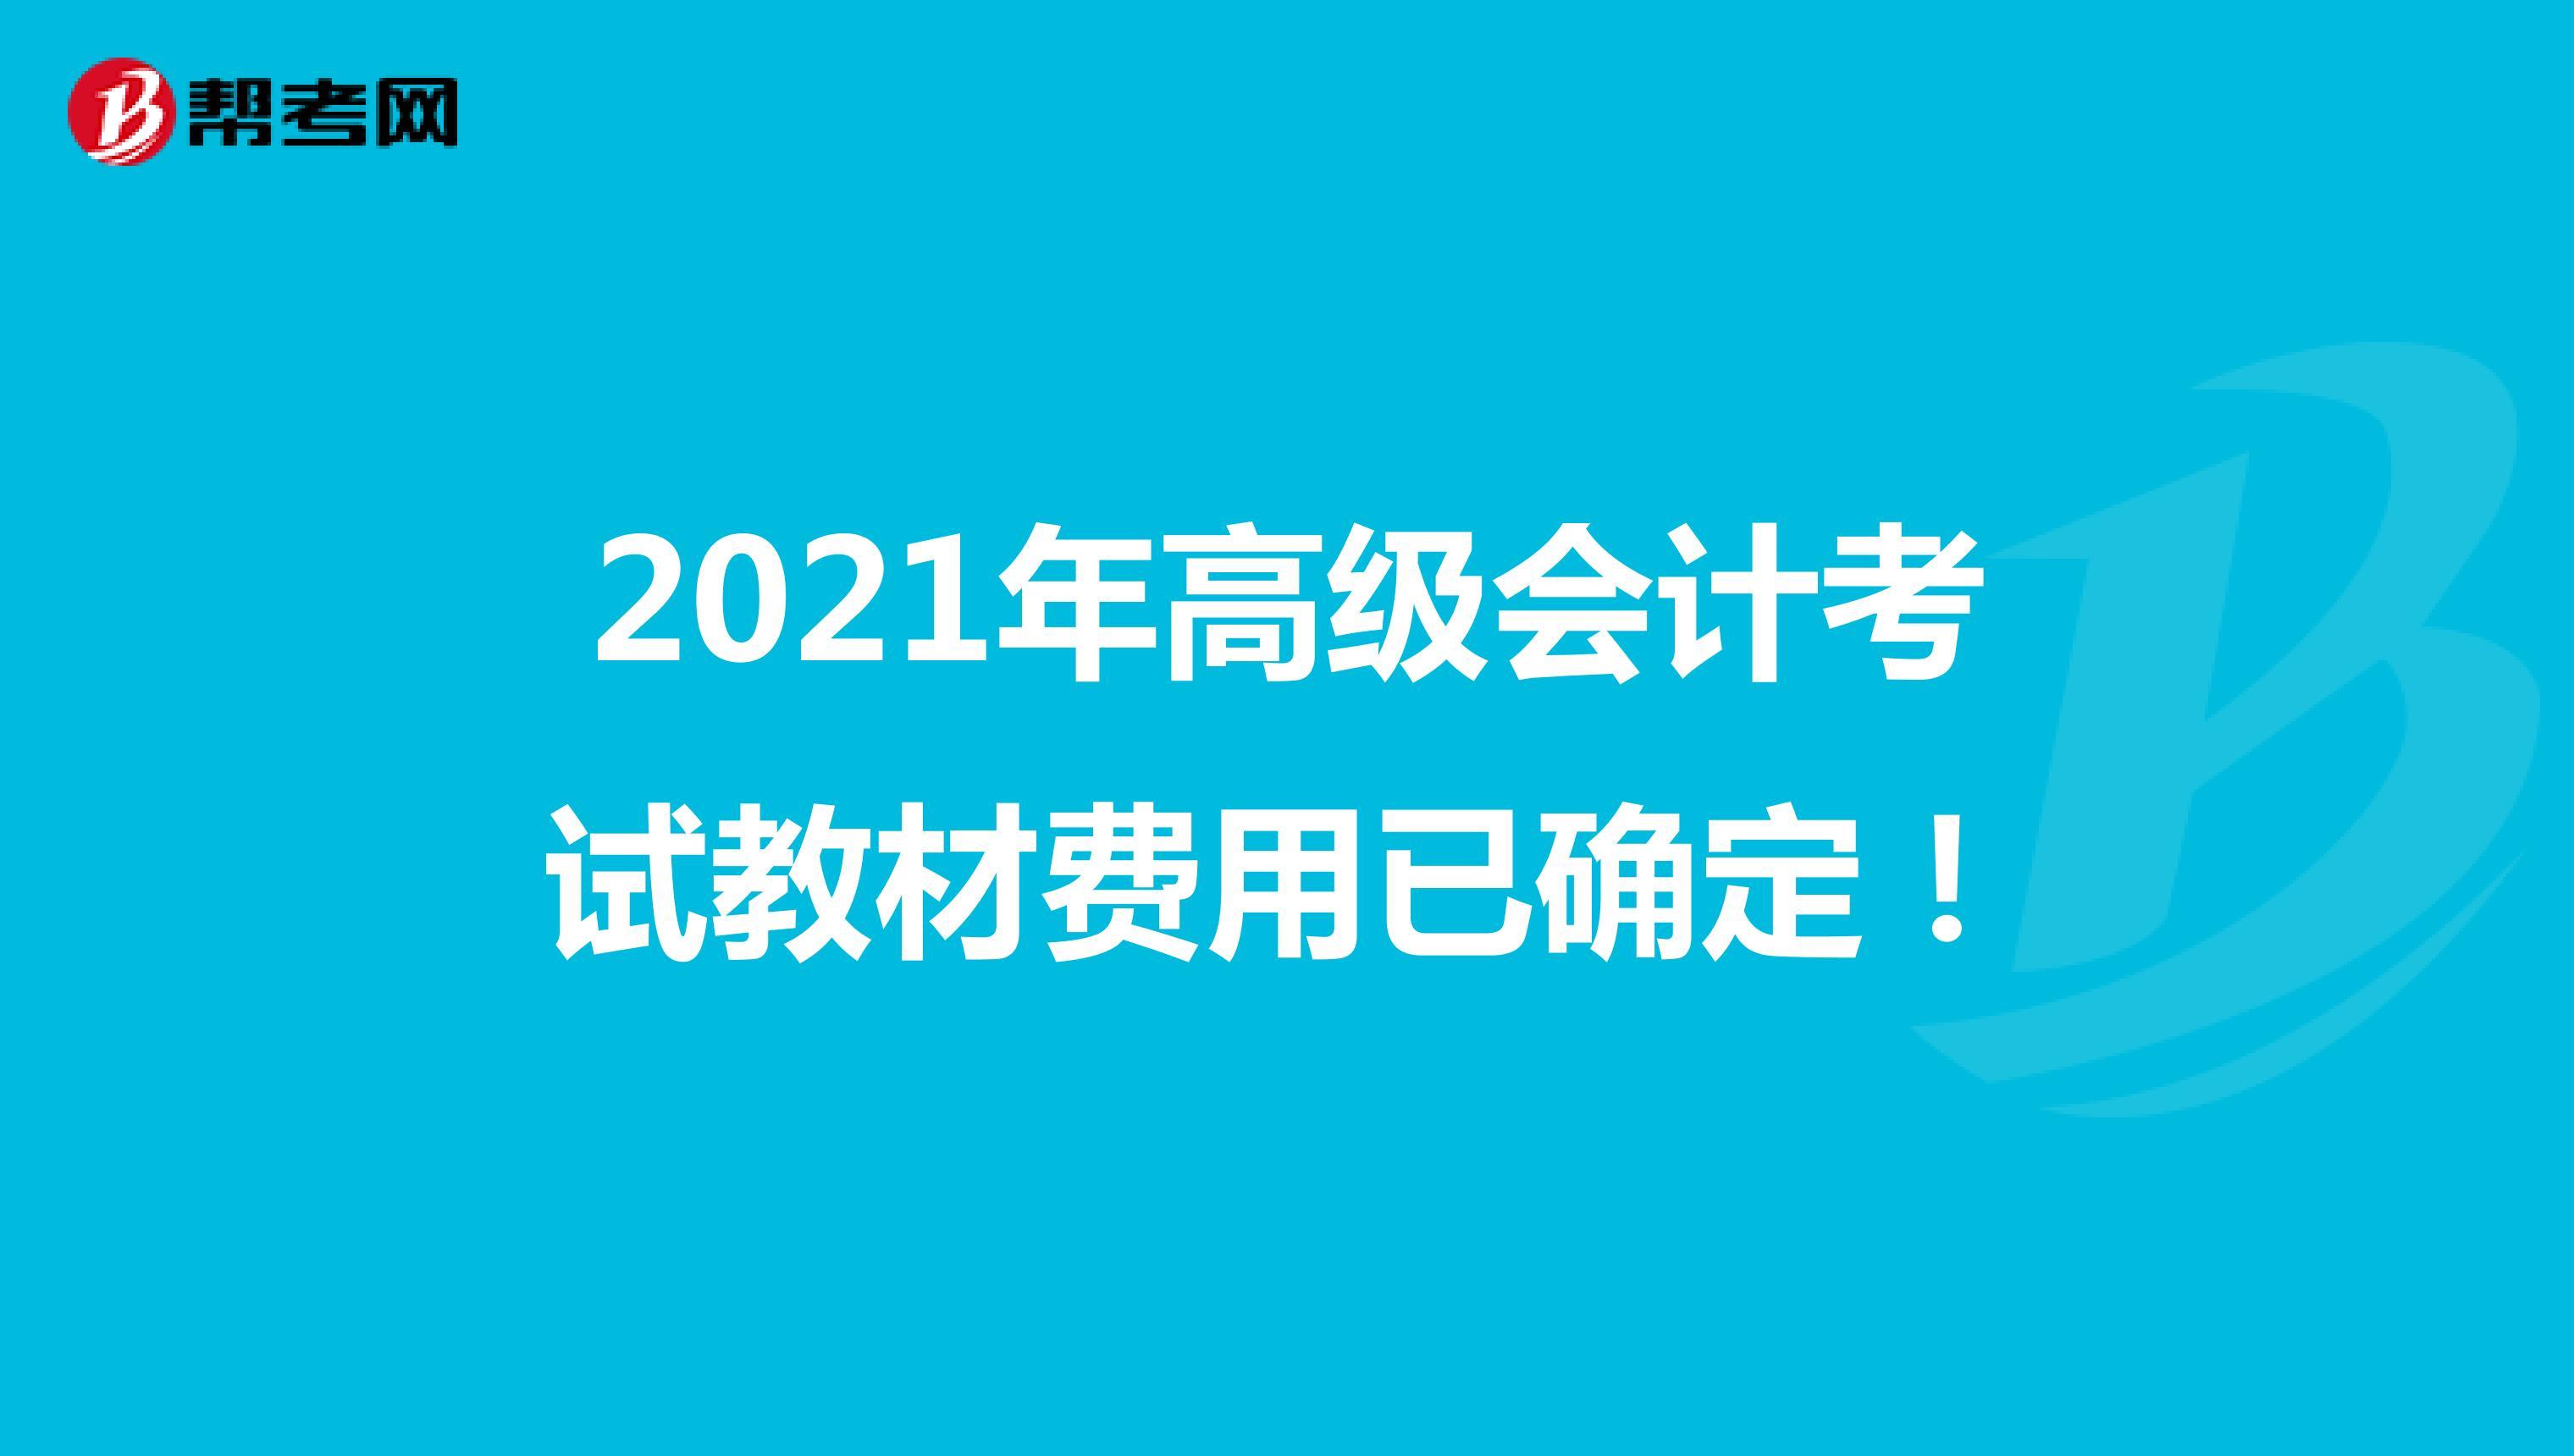 2021年高級會計考試教材費用已確定!